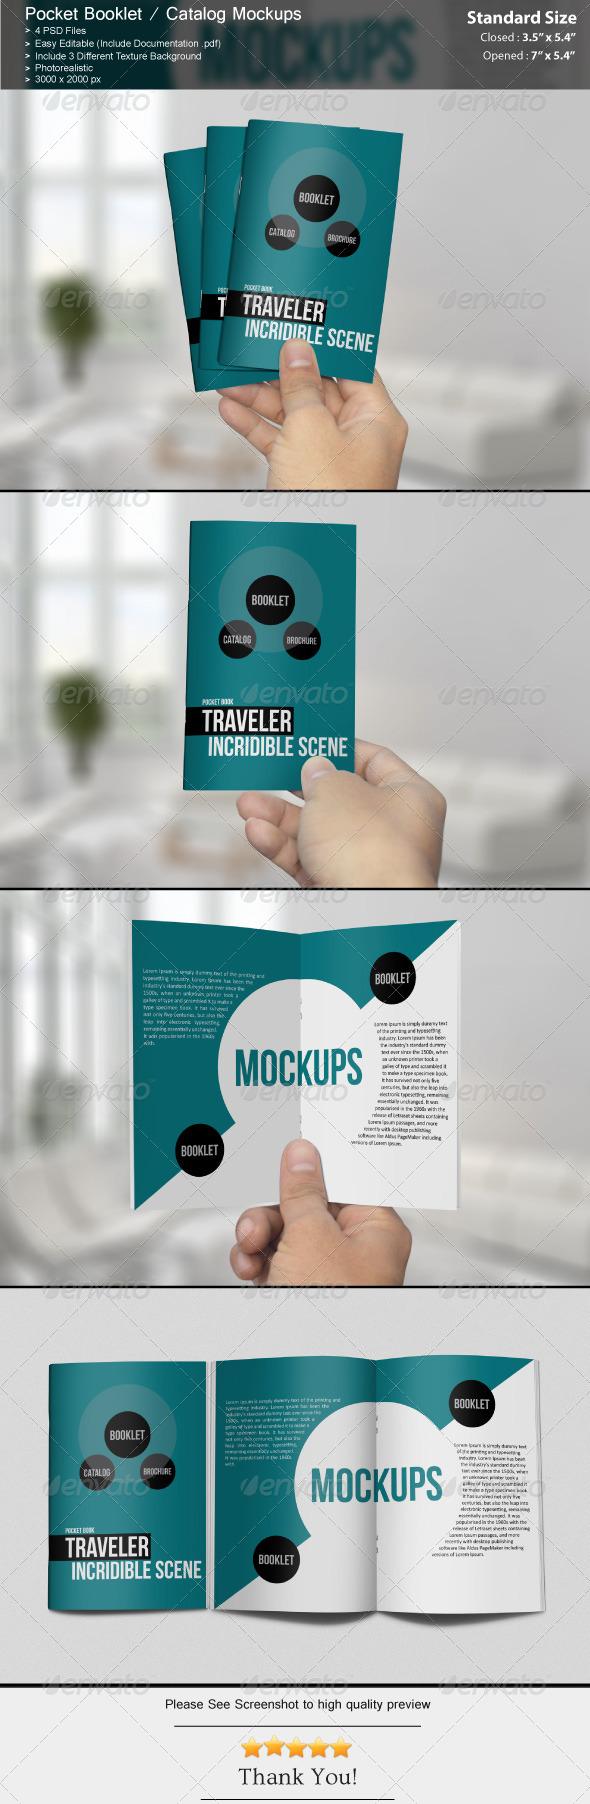 GraphicRiver Pocket Booklet Catalog Mockups 6817881